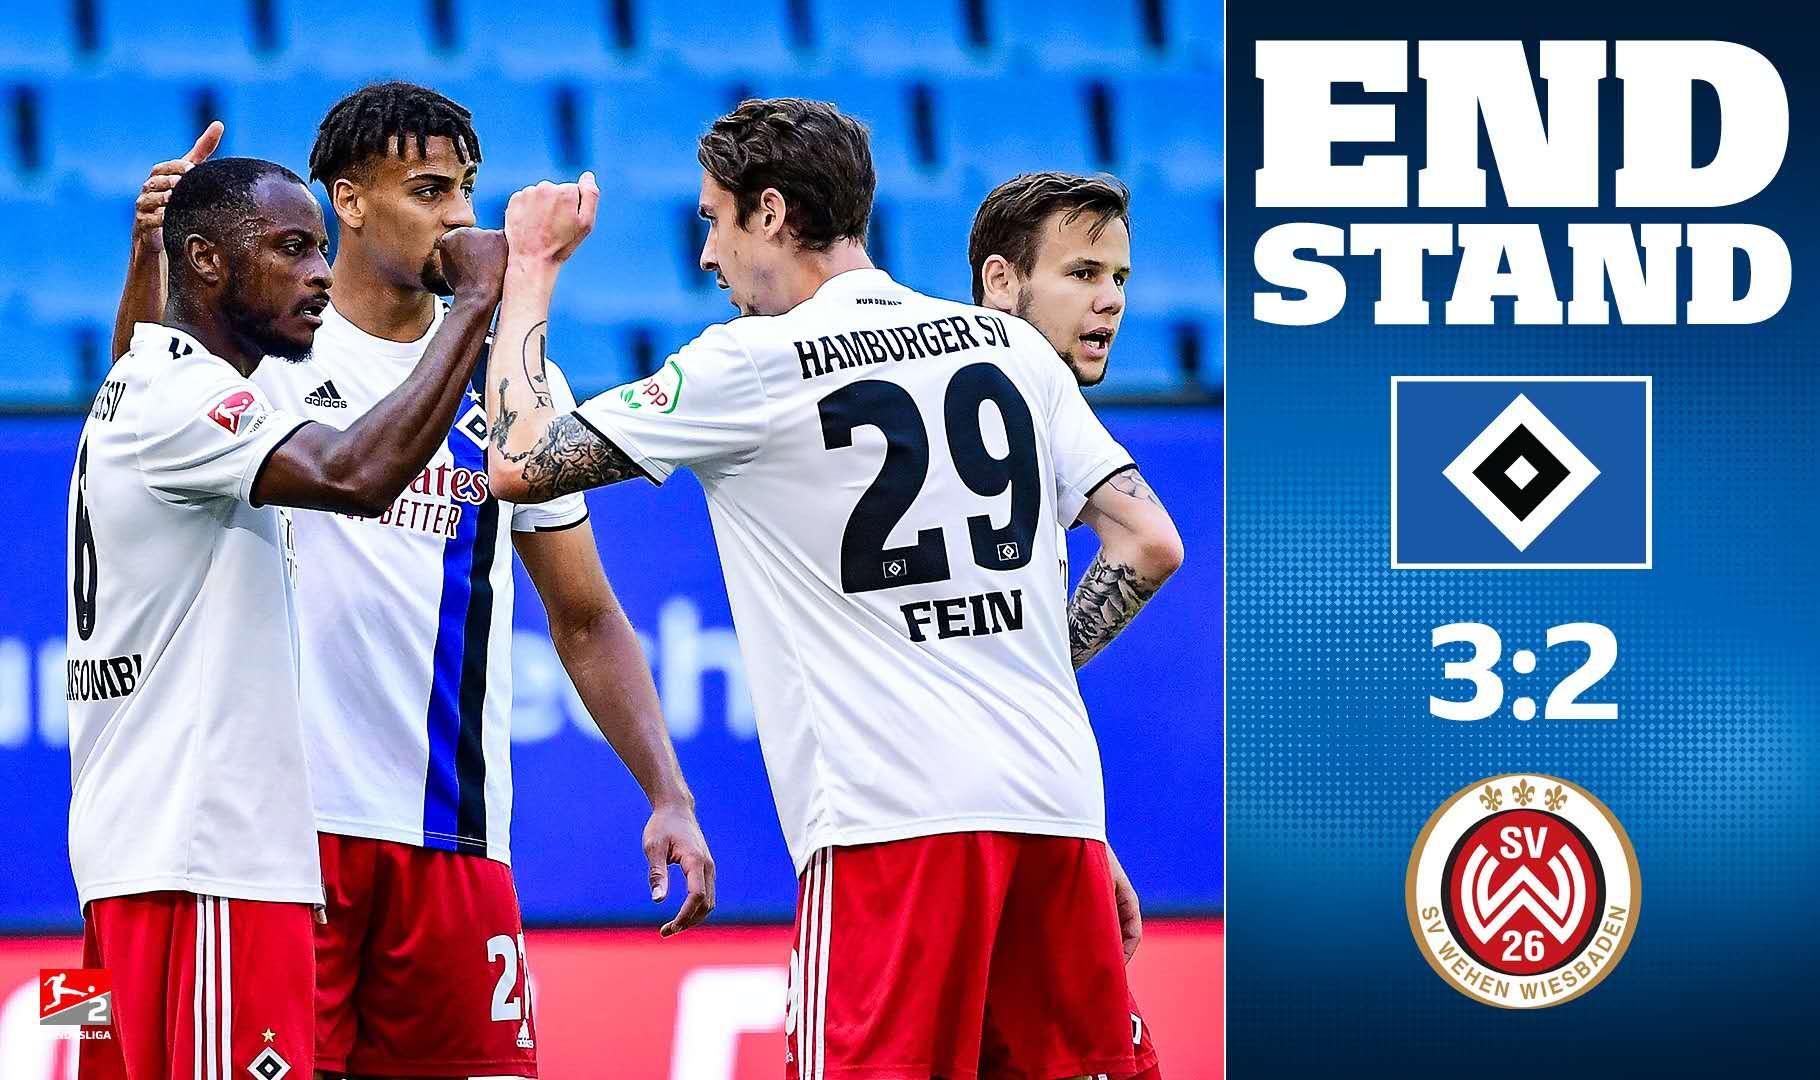 德乙前四本轮全部获胜,斯图加特汉堡仍分列二三位